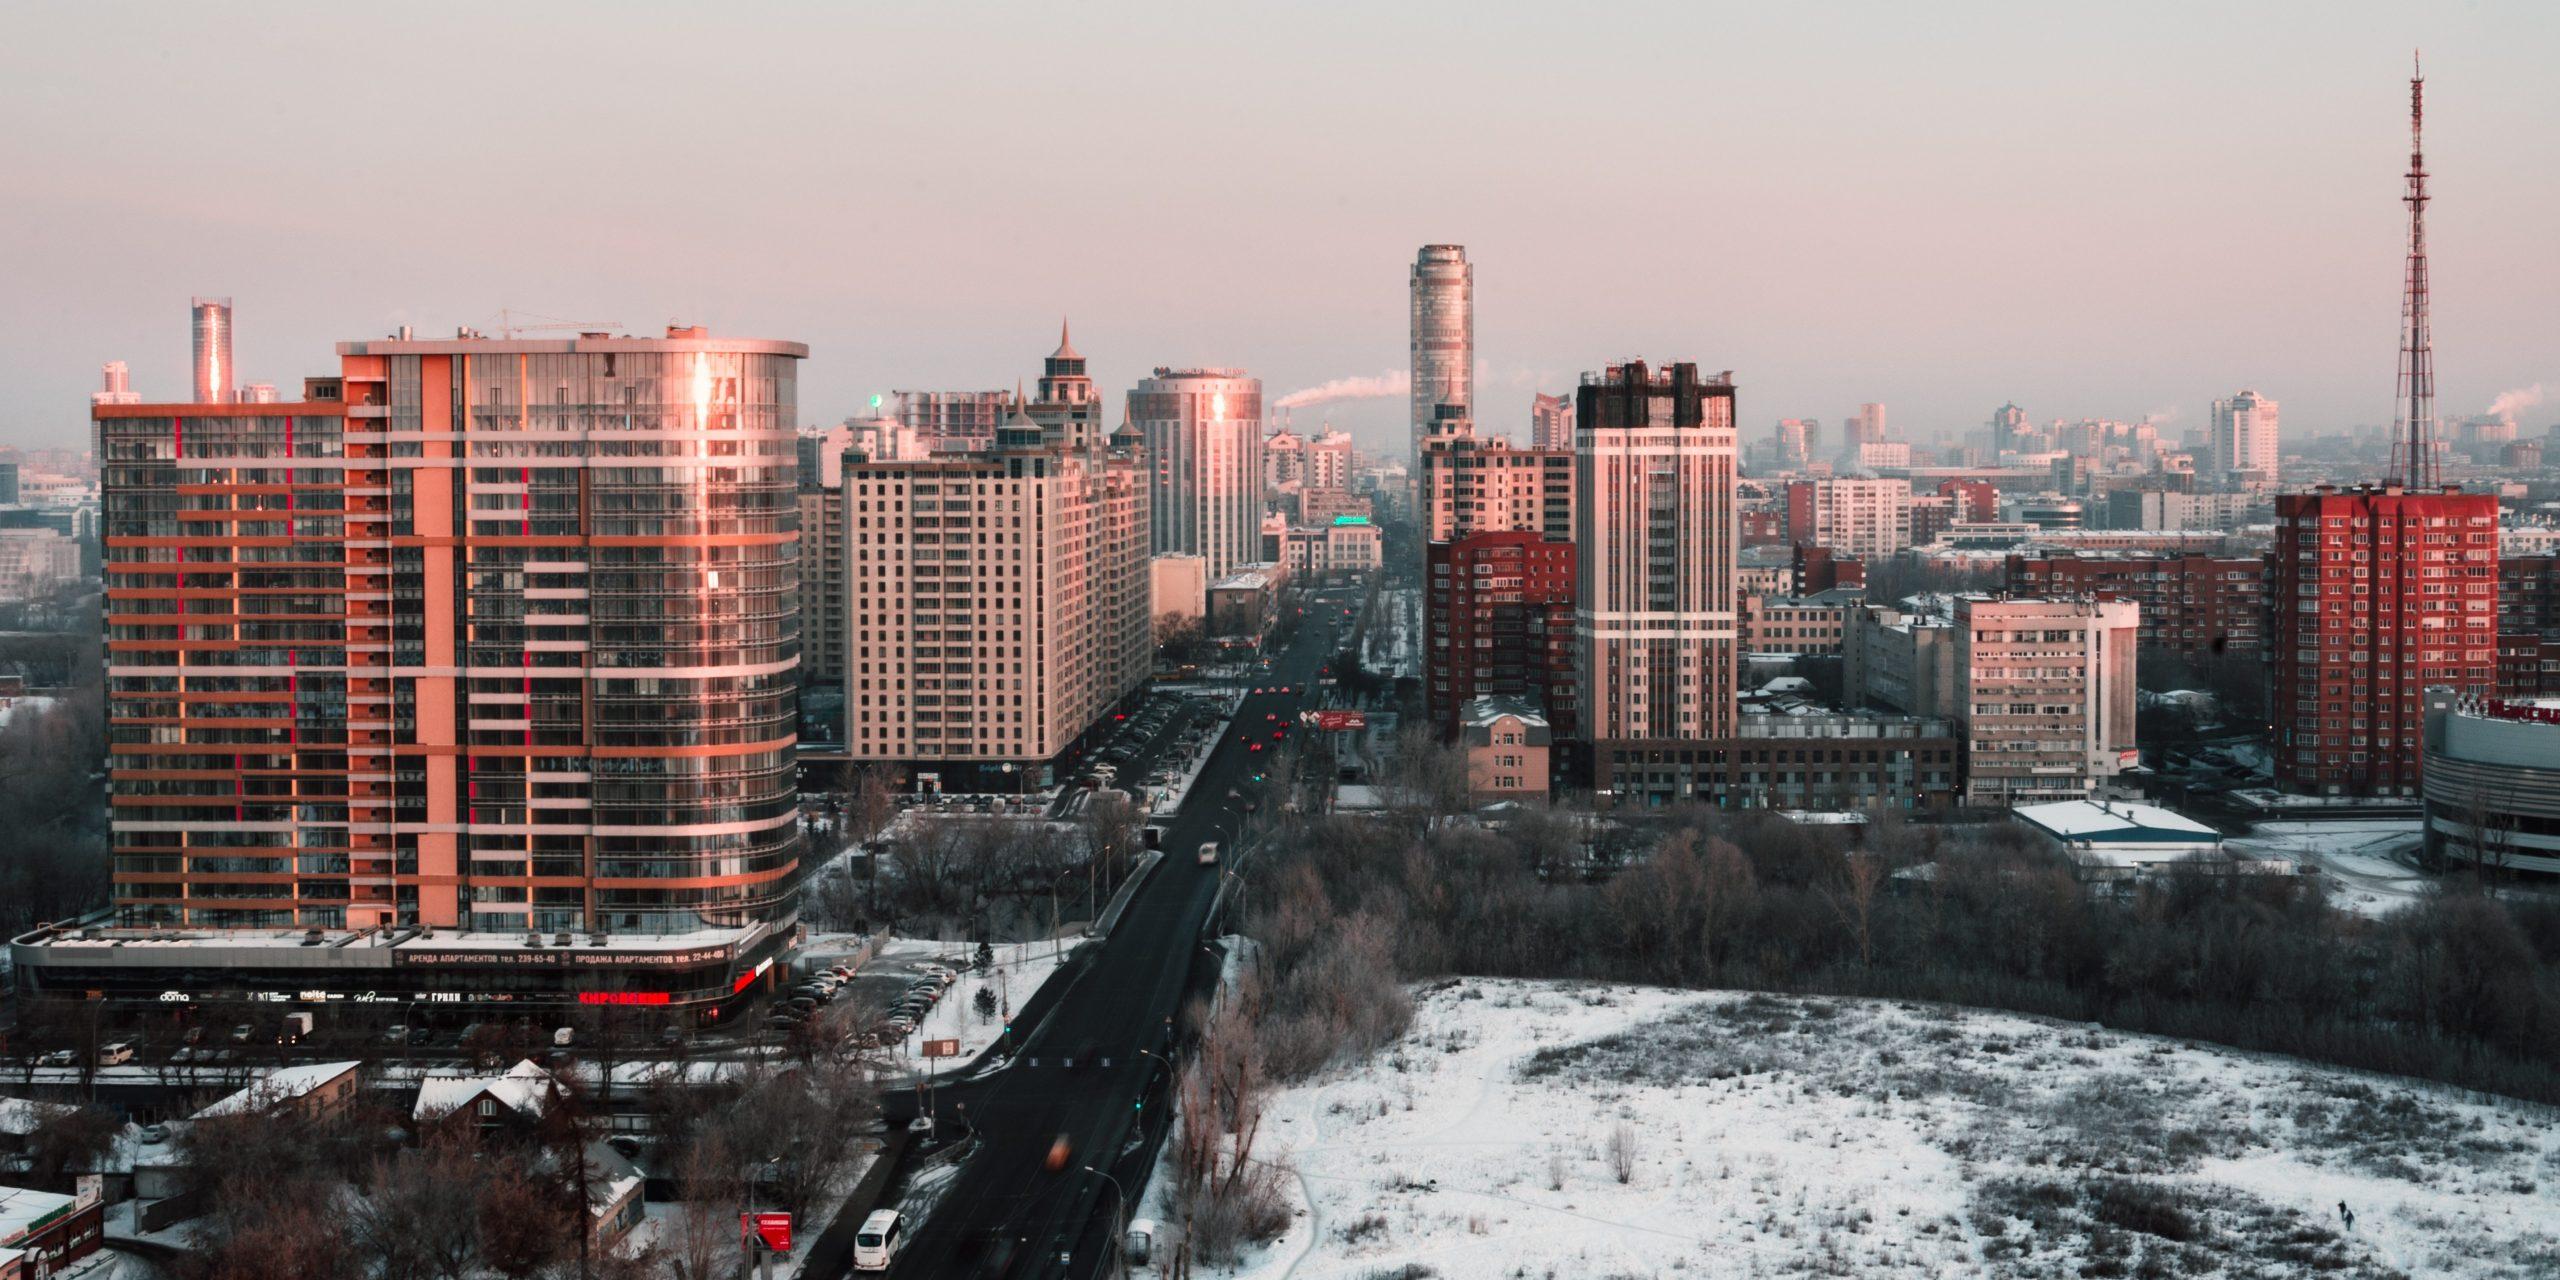 В Екатеринбурге запустили систему интеллектуального управления теплоснабжением